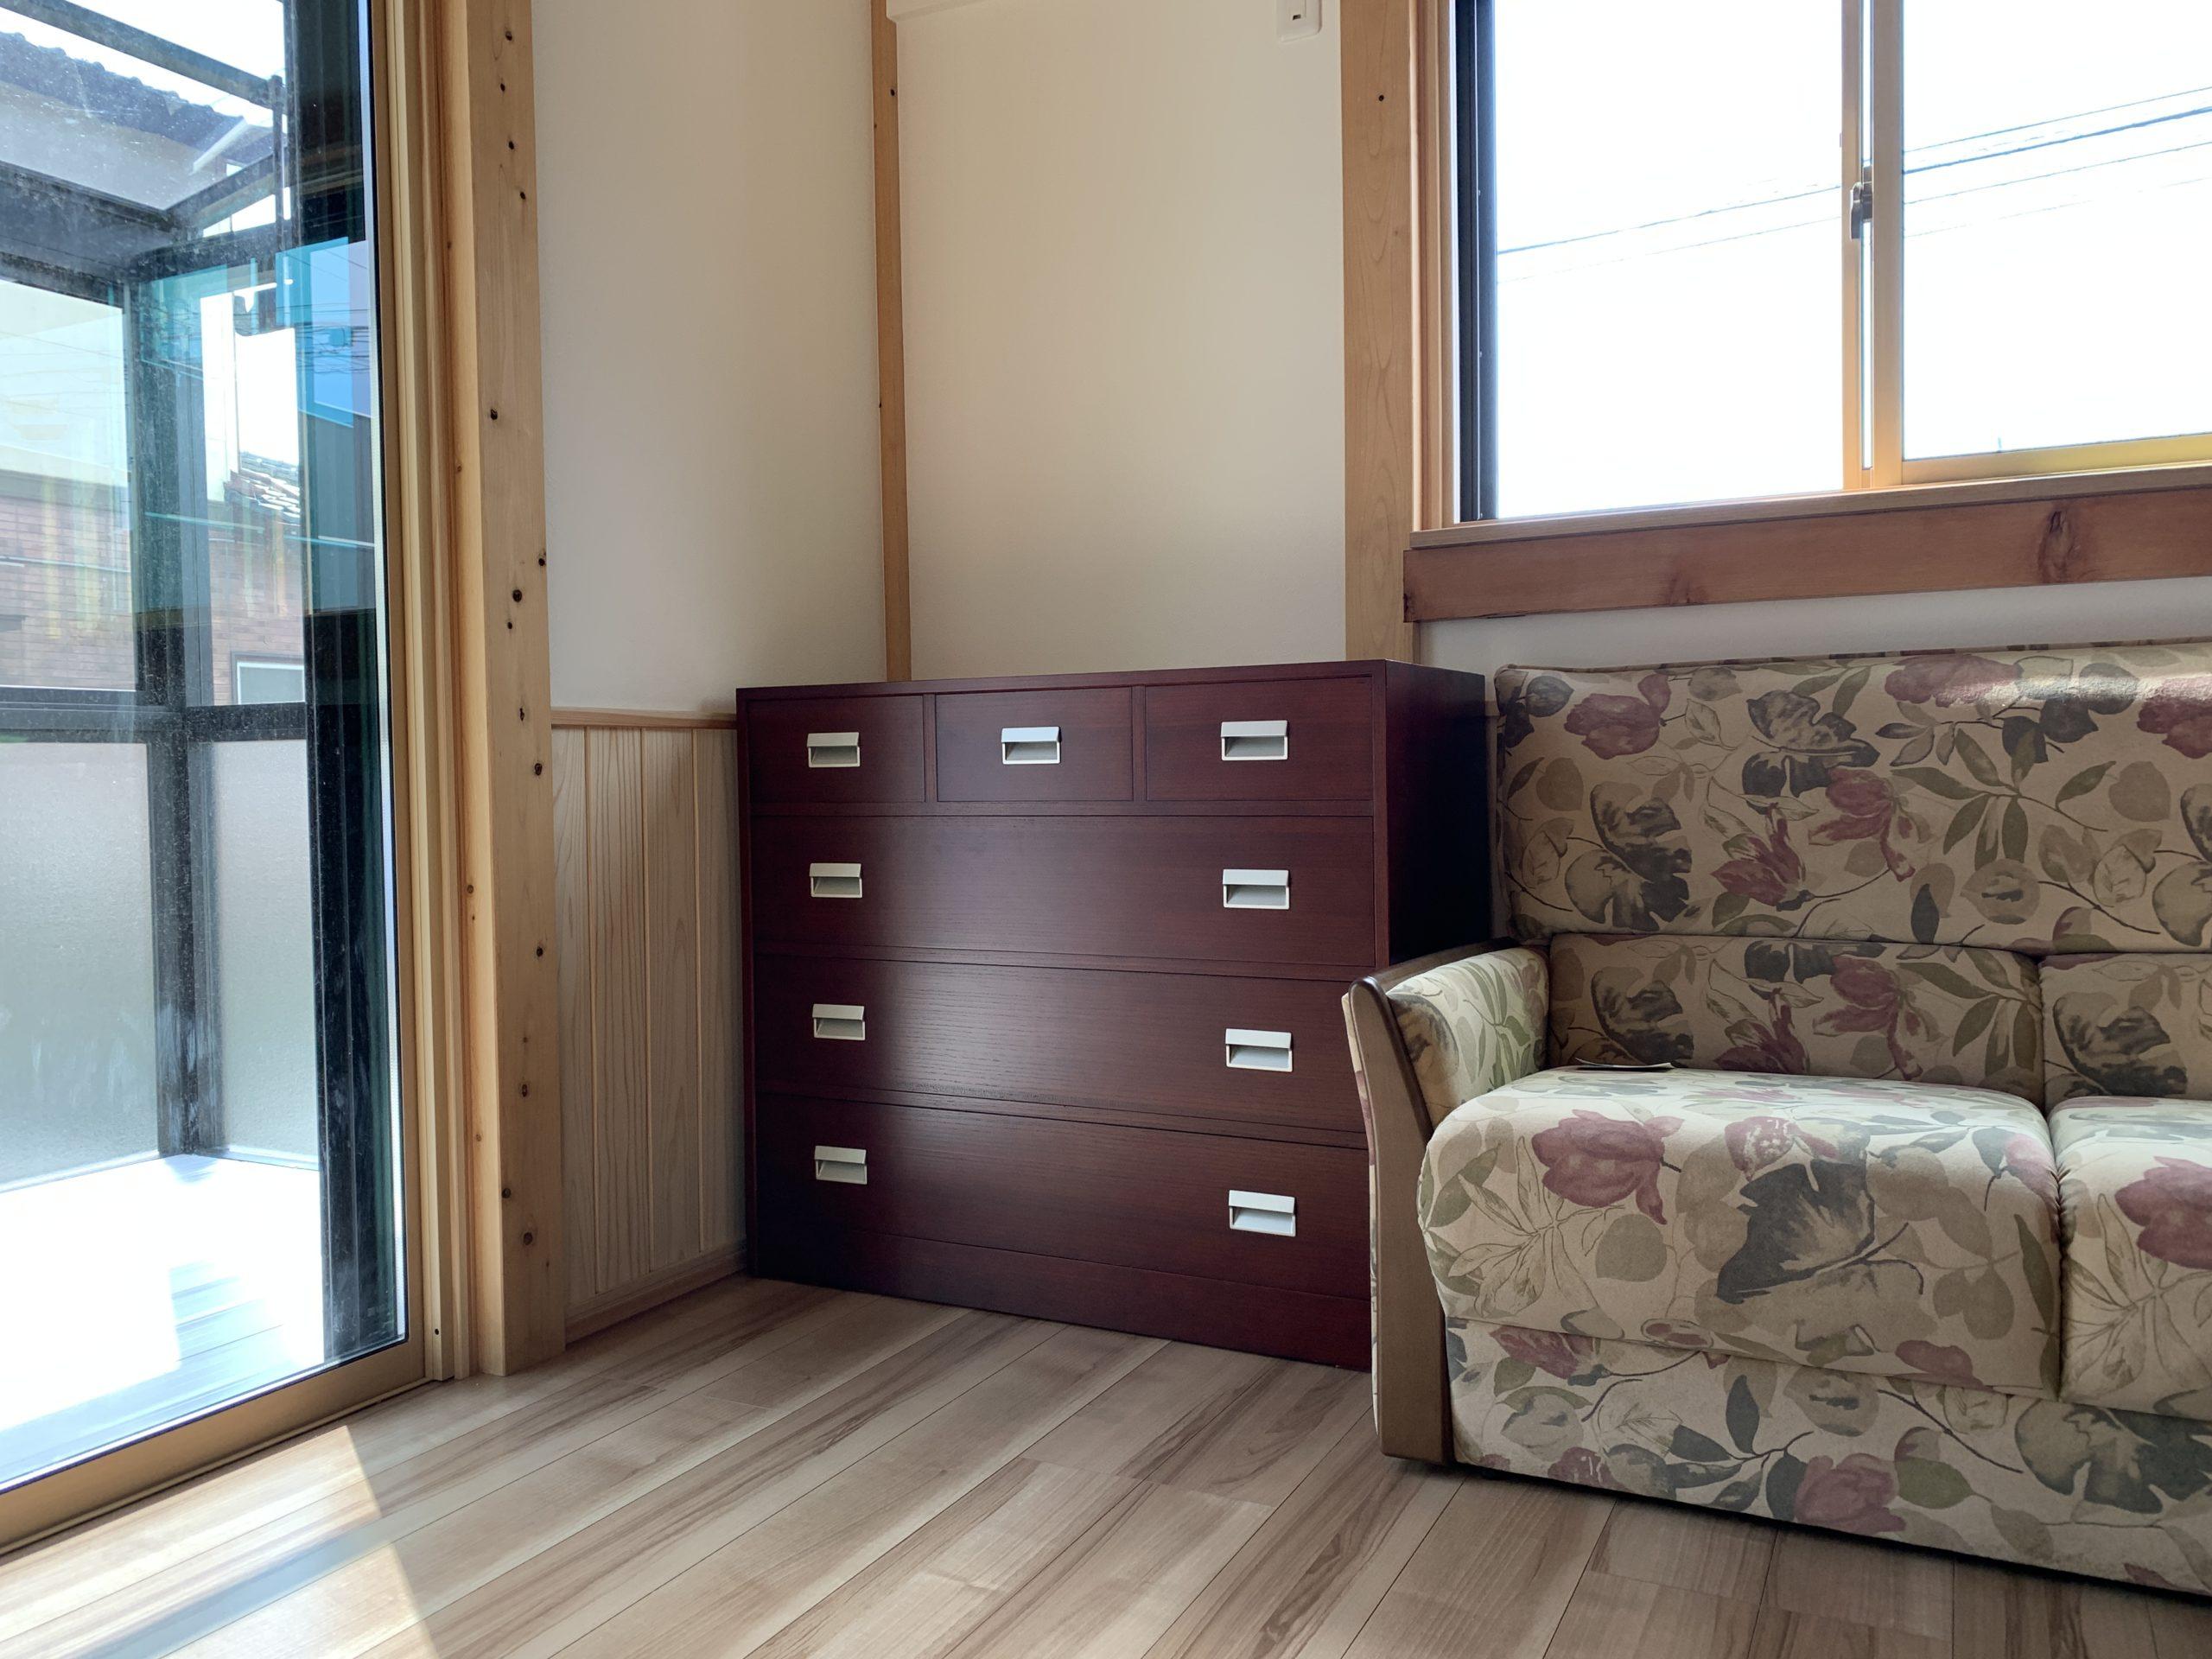 総桐チェスト 三の三 二本松伝統家具